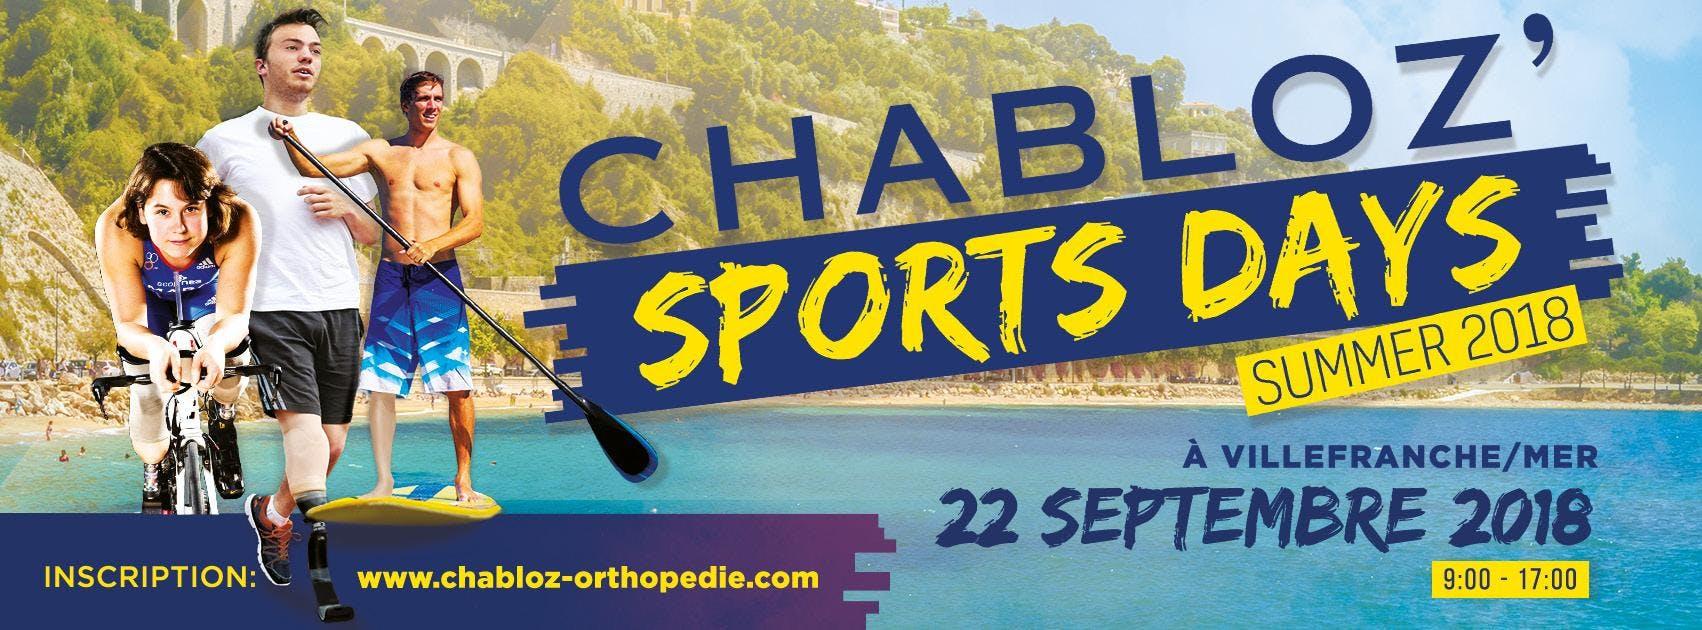 Chabloz'Sports Days - Villefranche-Sur-Mer 20